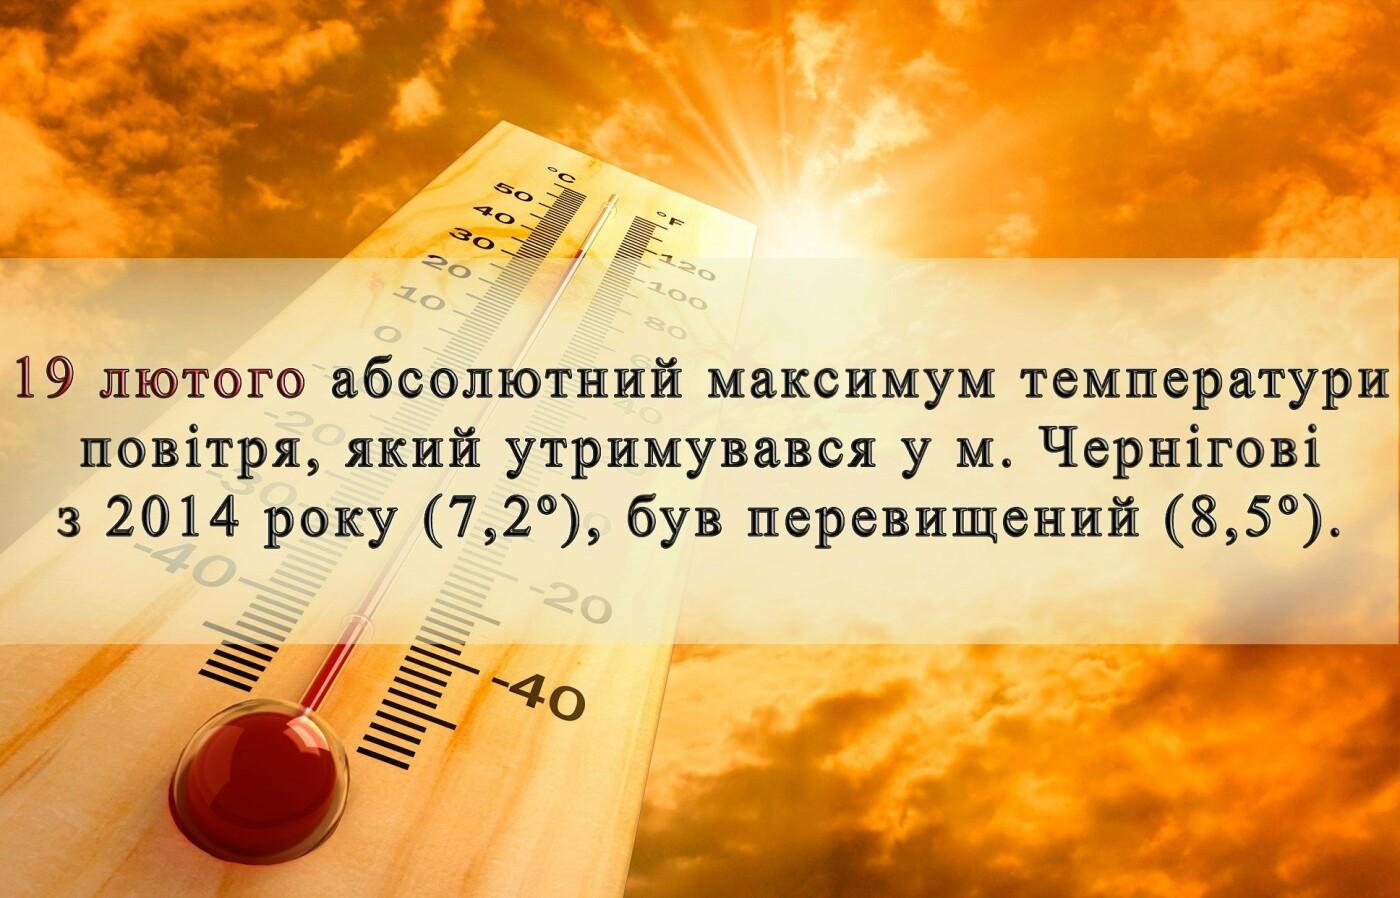 Теплий лютий: два дні поспіль у Чернігові було рекордно тепло, фото-1